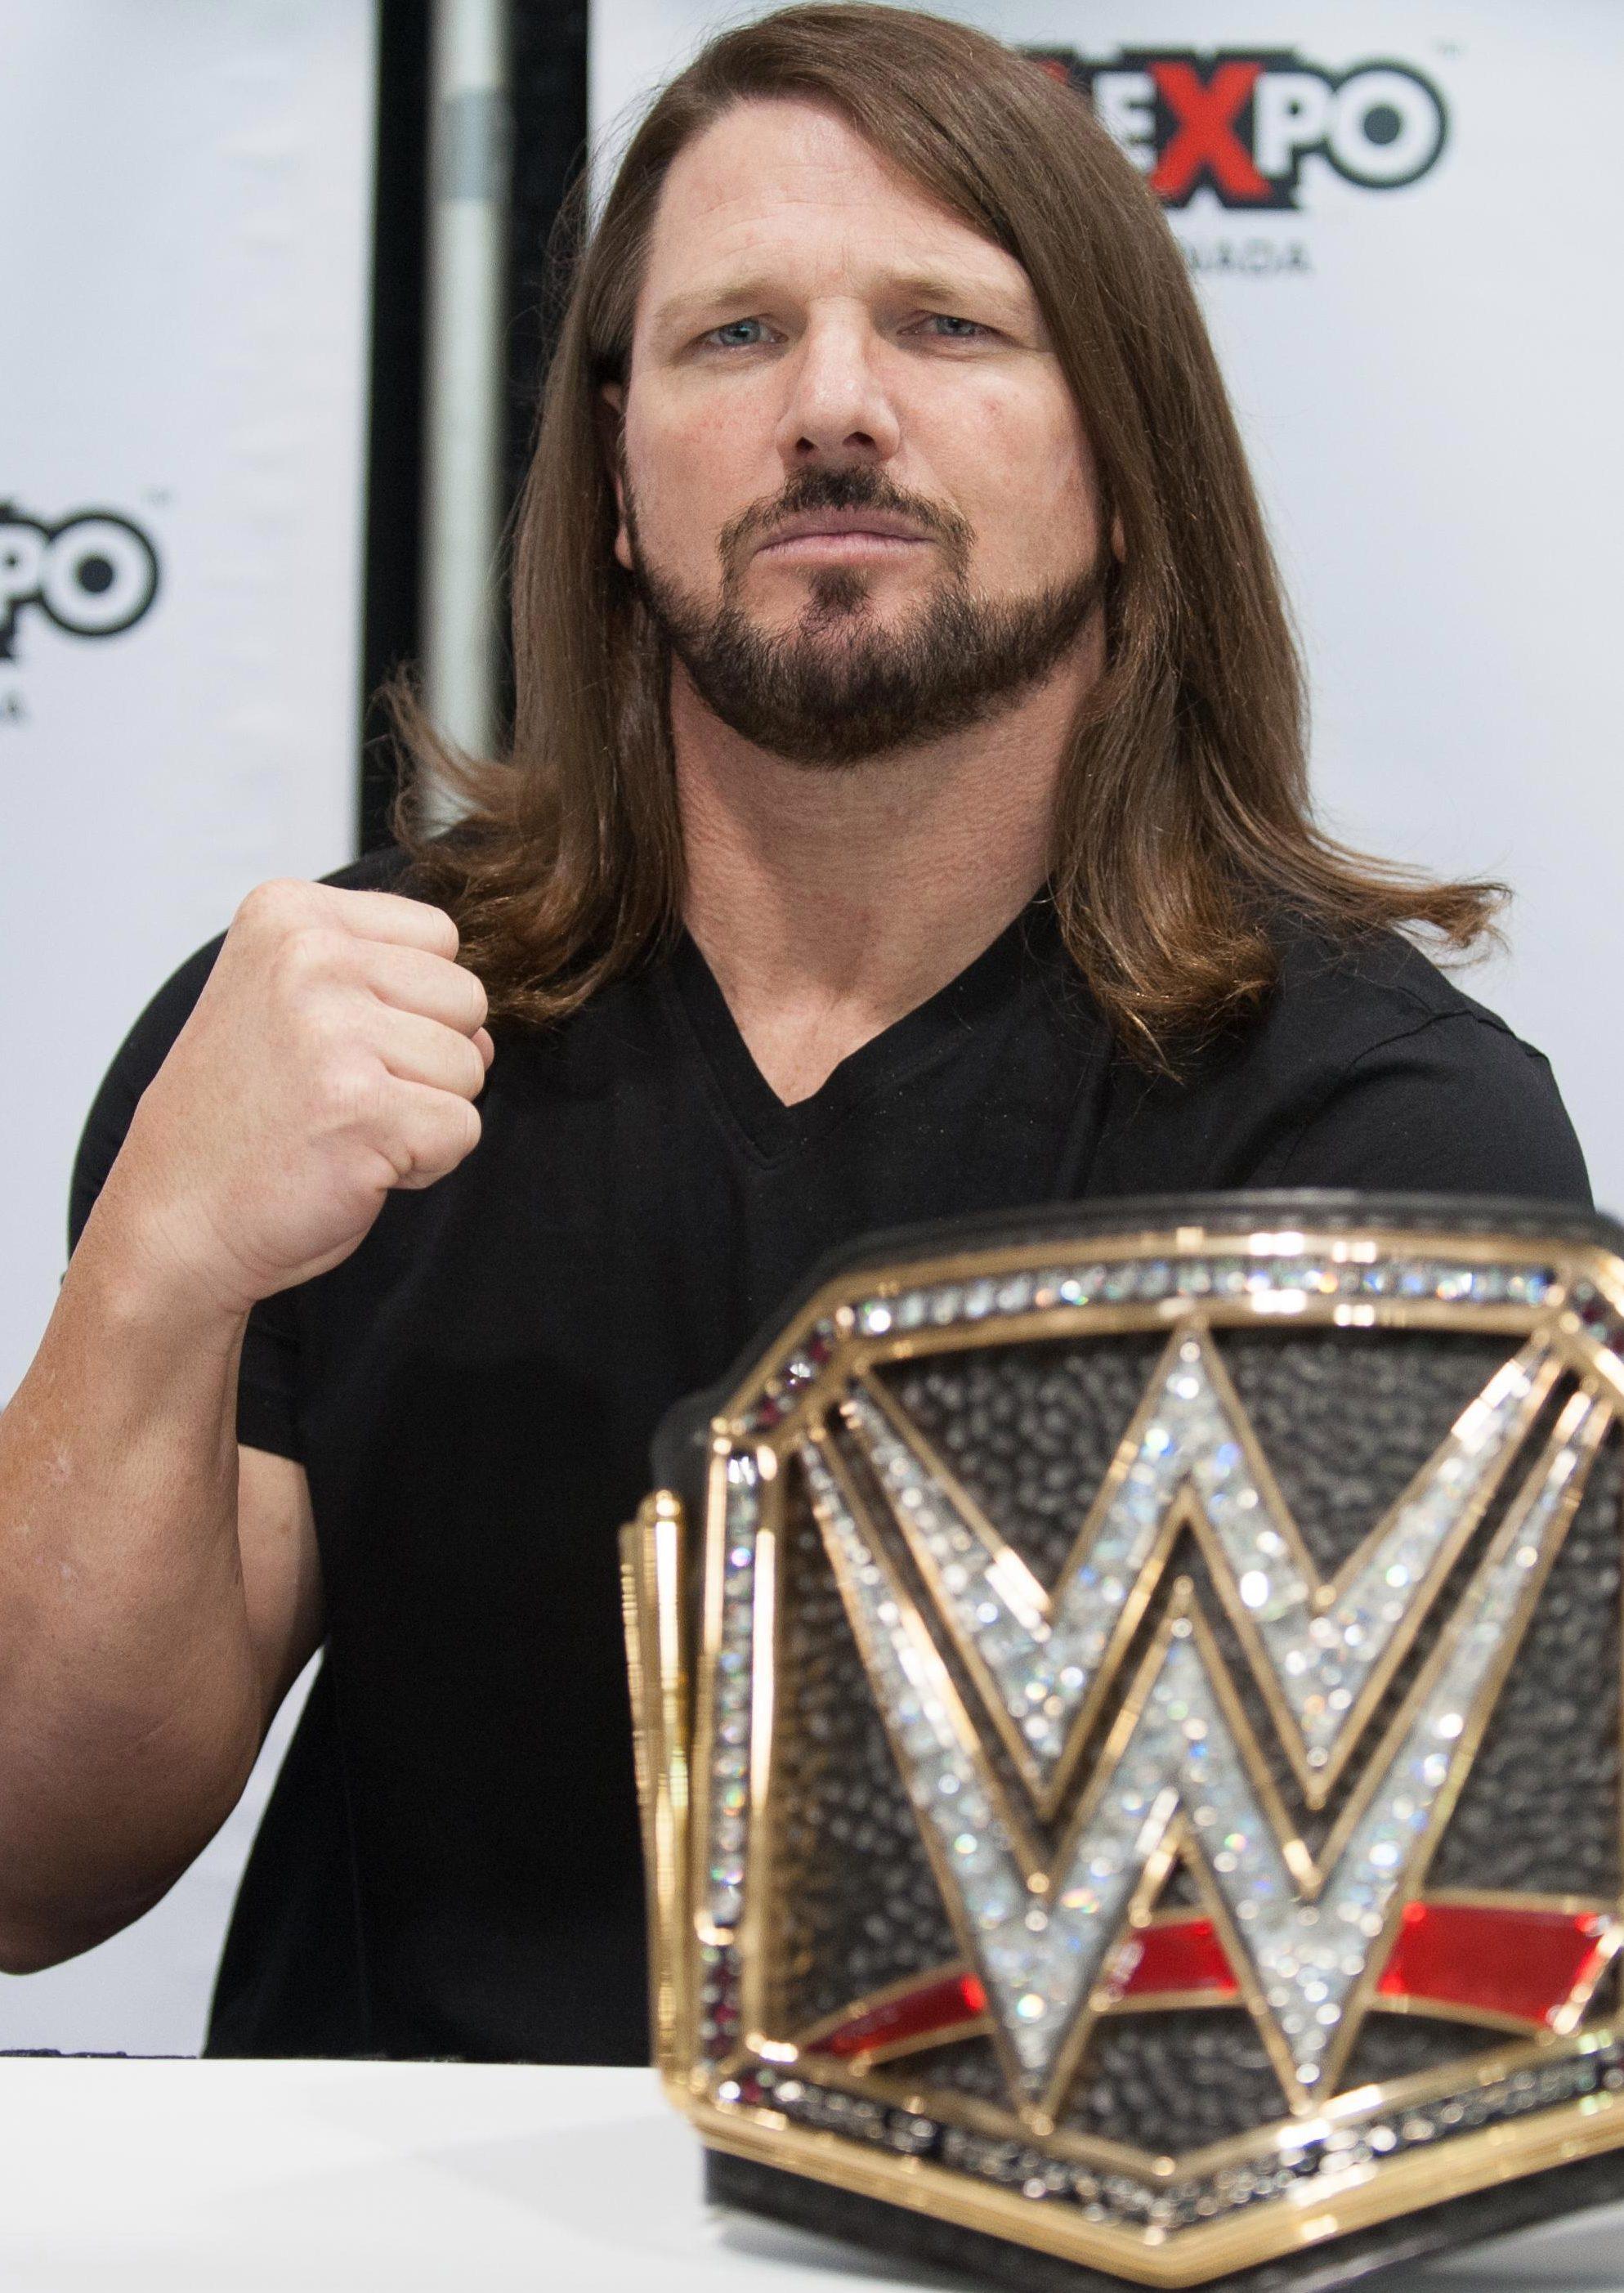 AJ Styles faces Samoa Joe for the WWE title